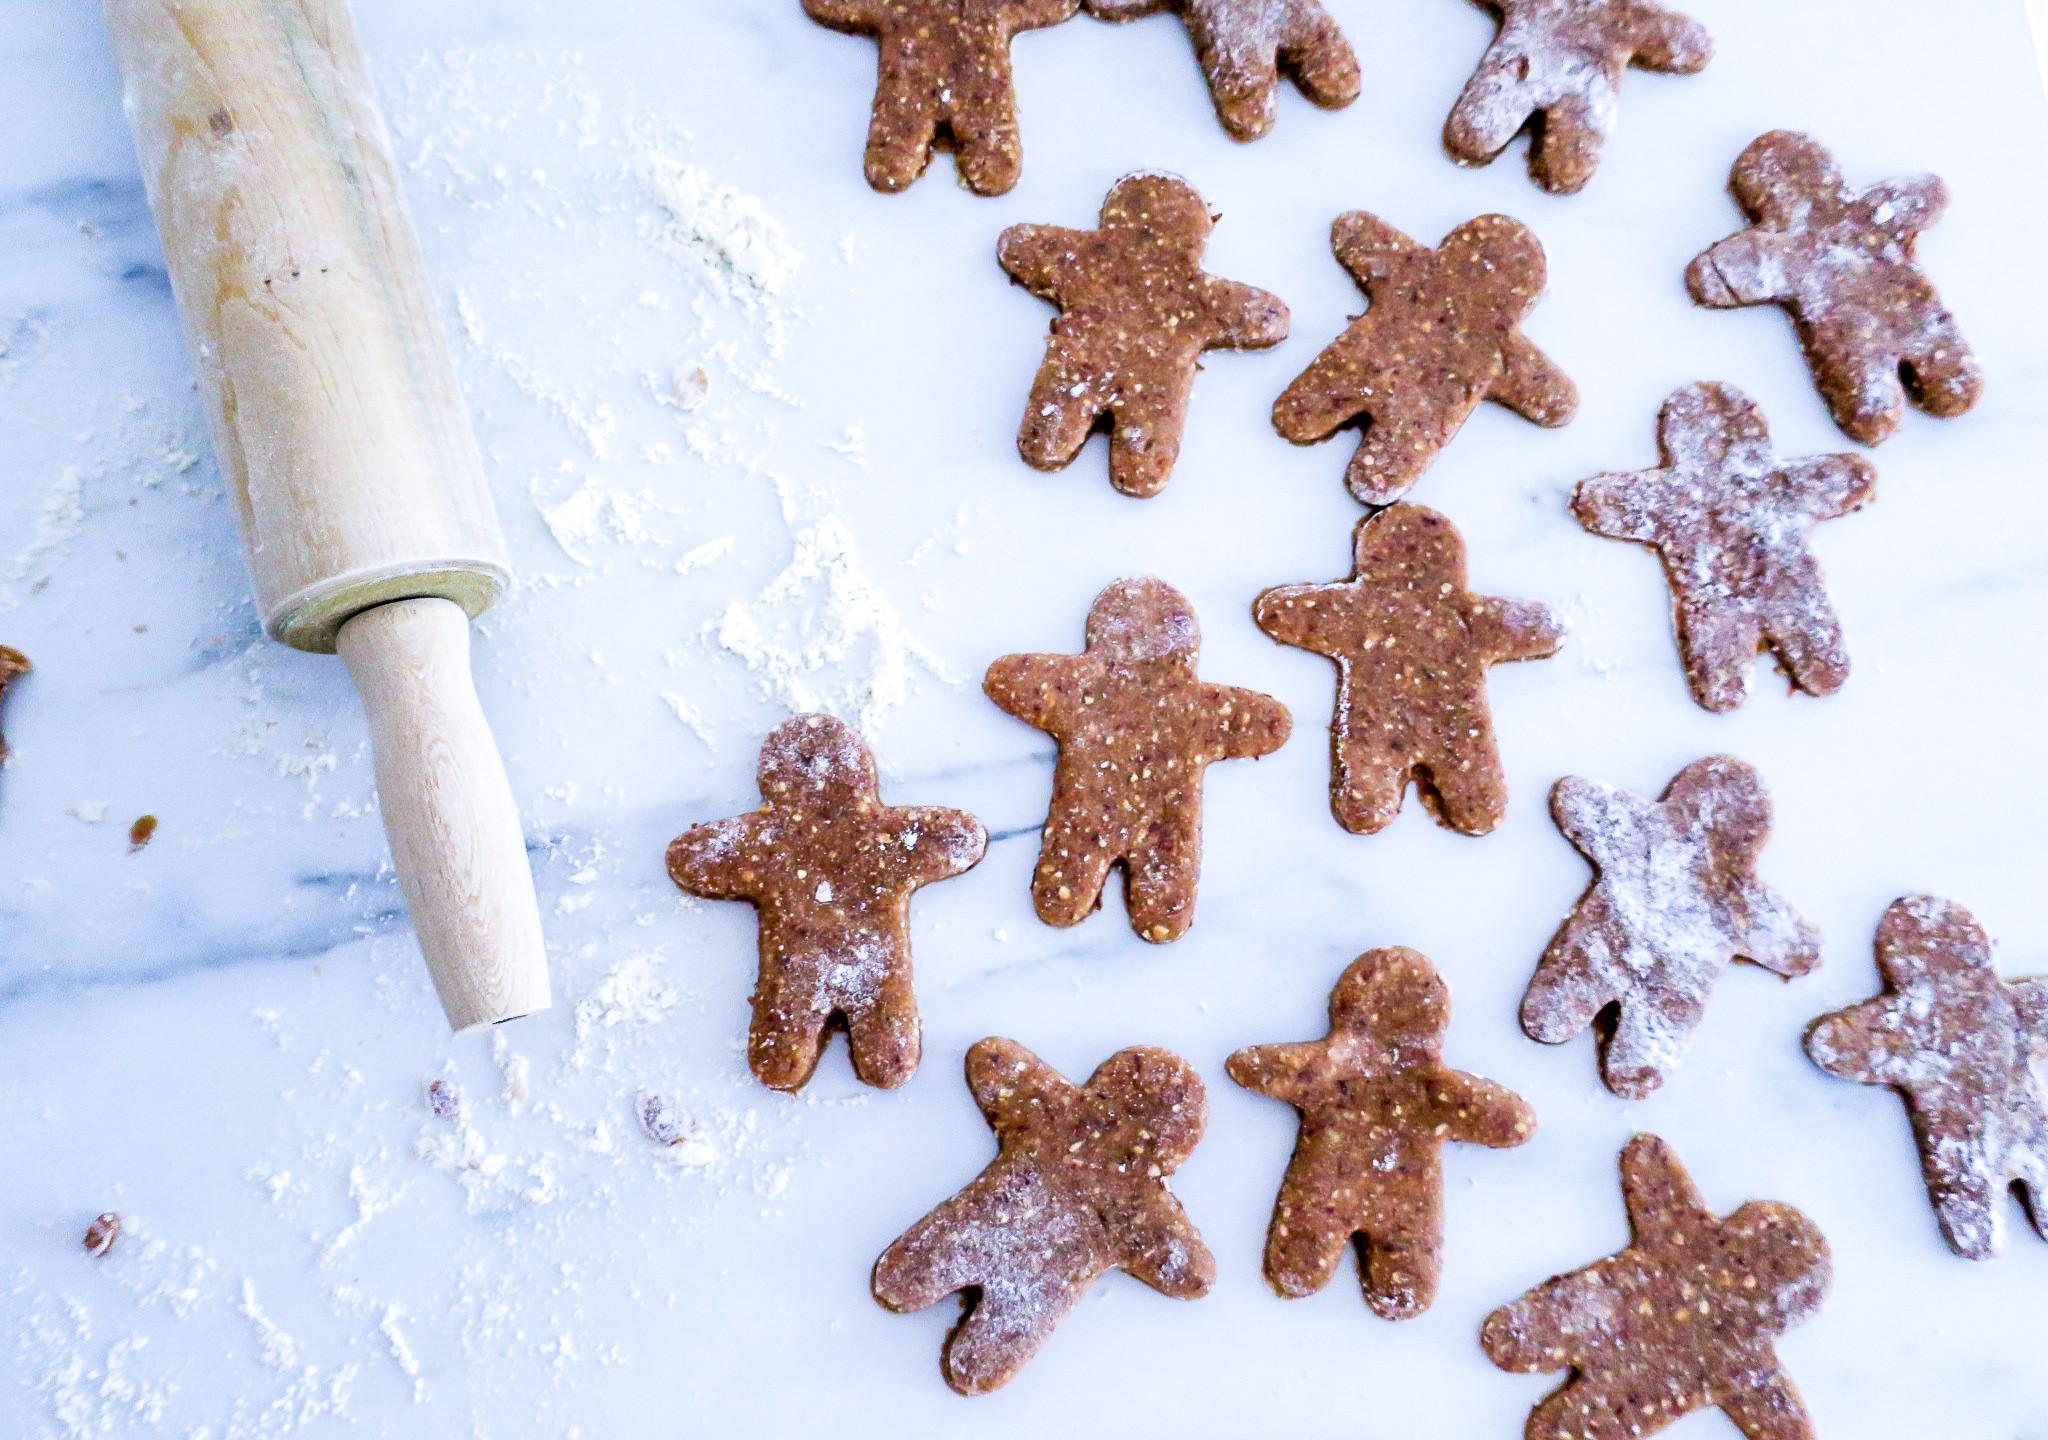 Vegane Lebkuchen Männer #weihnachten #gesund #kekse #healthy #vegan #rezept #recipe #easy #quick